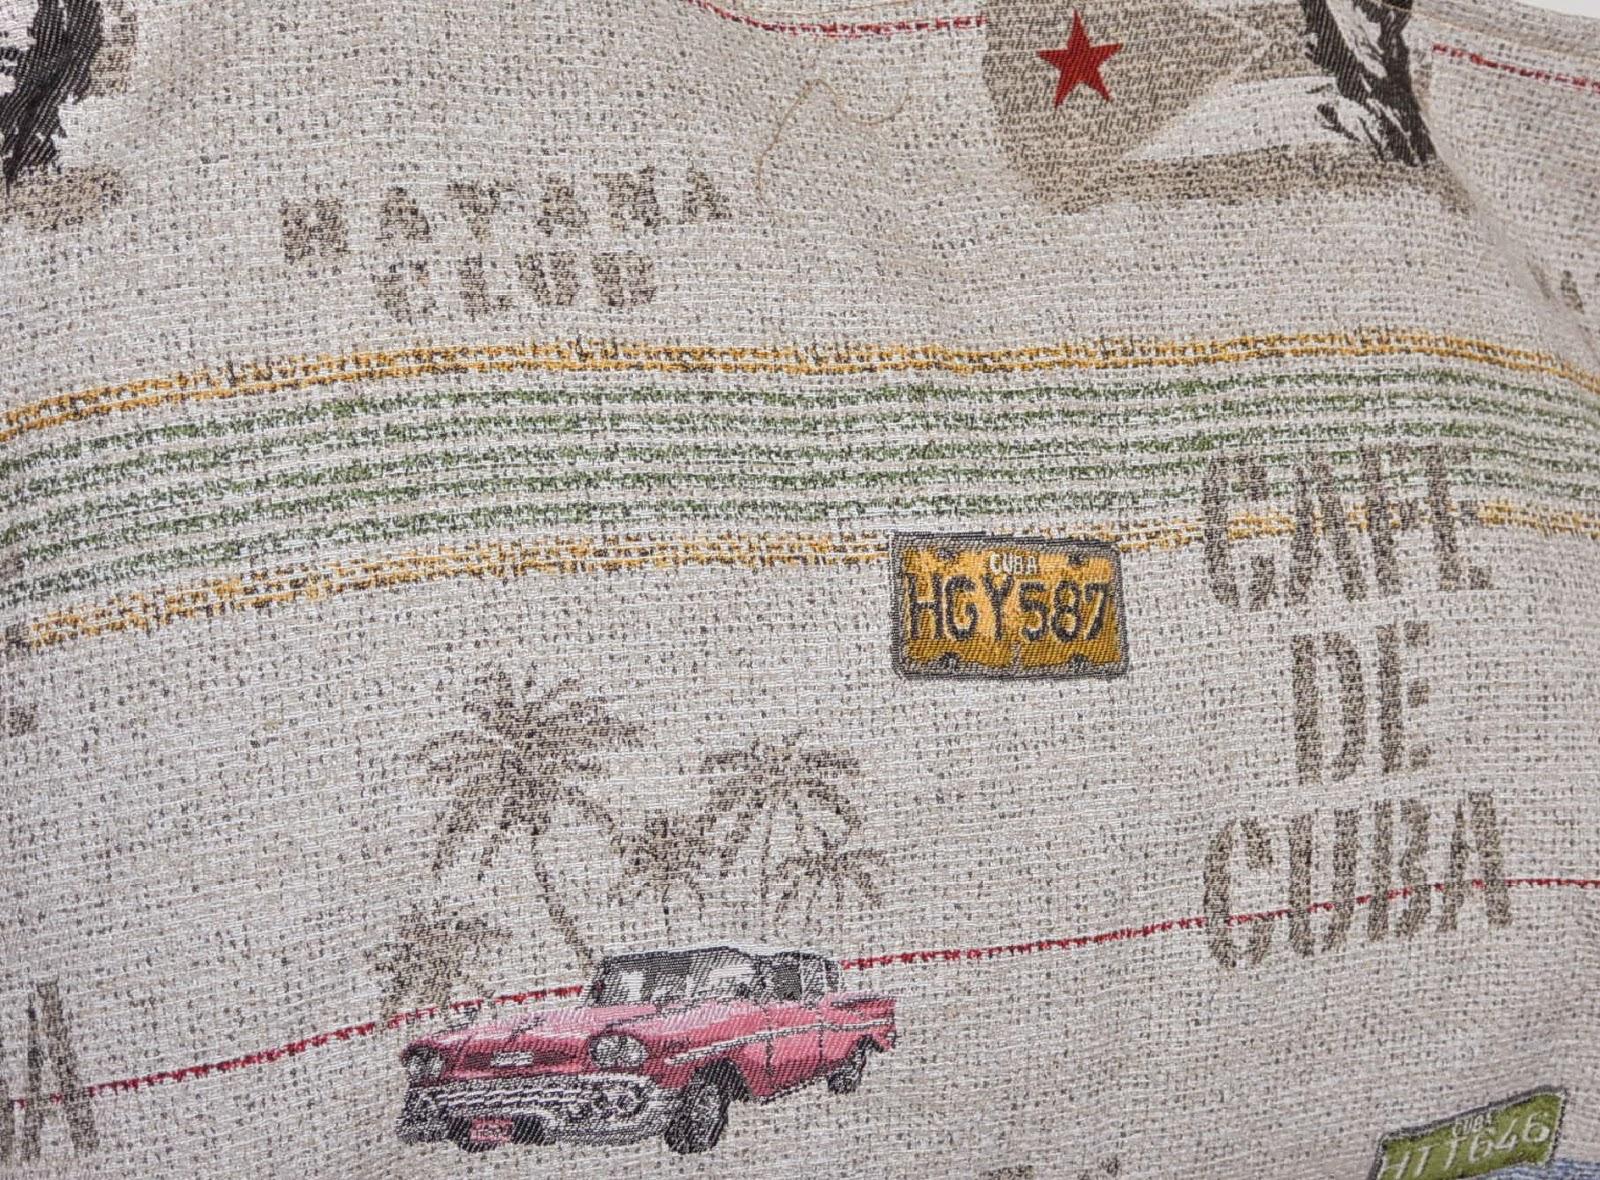 Sac XXL en tissu jacquard Cuba et Le Che, grosse capacité de rangement. 2 poches intérieures. Jute, jaune